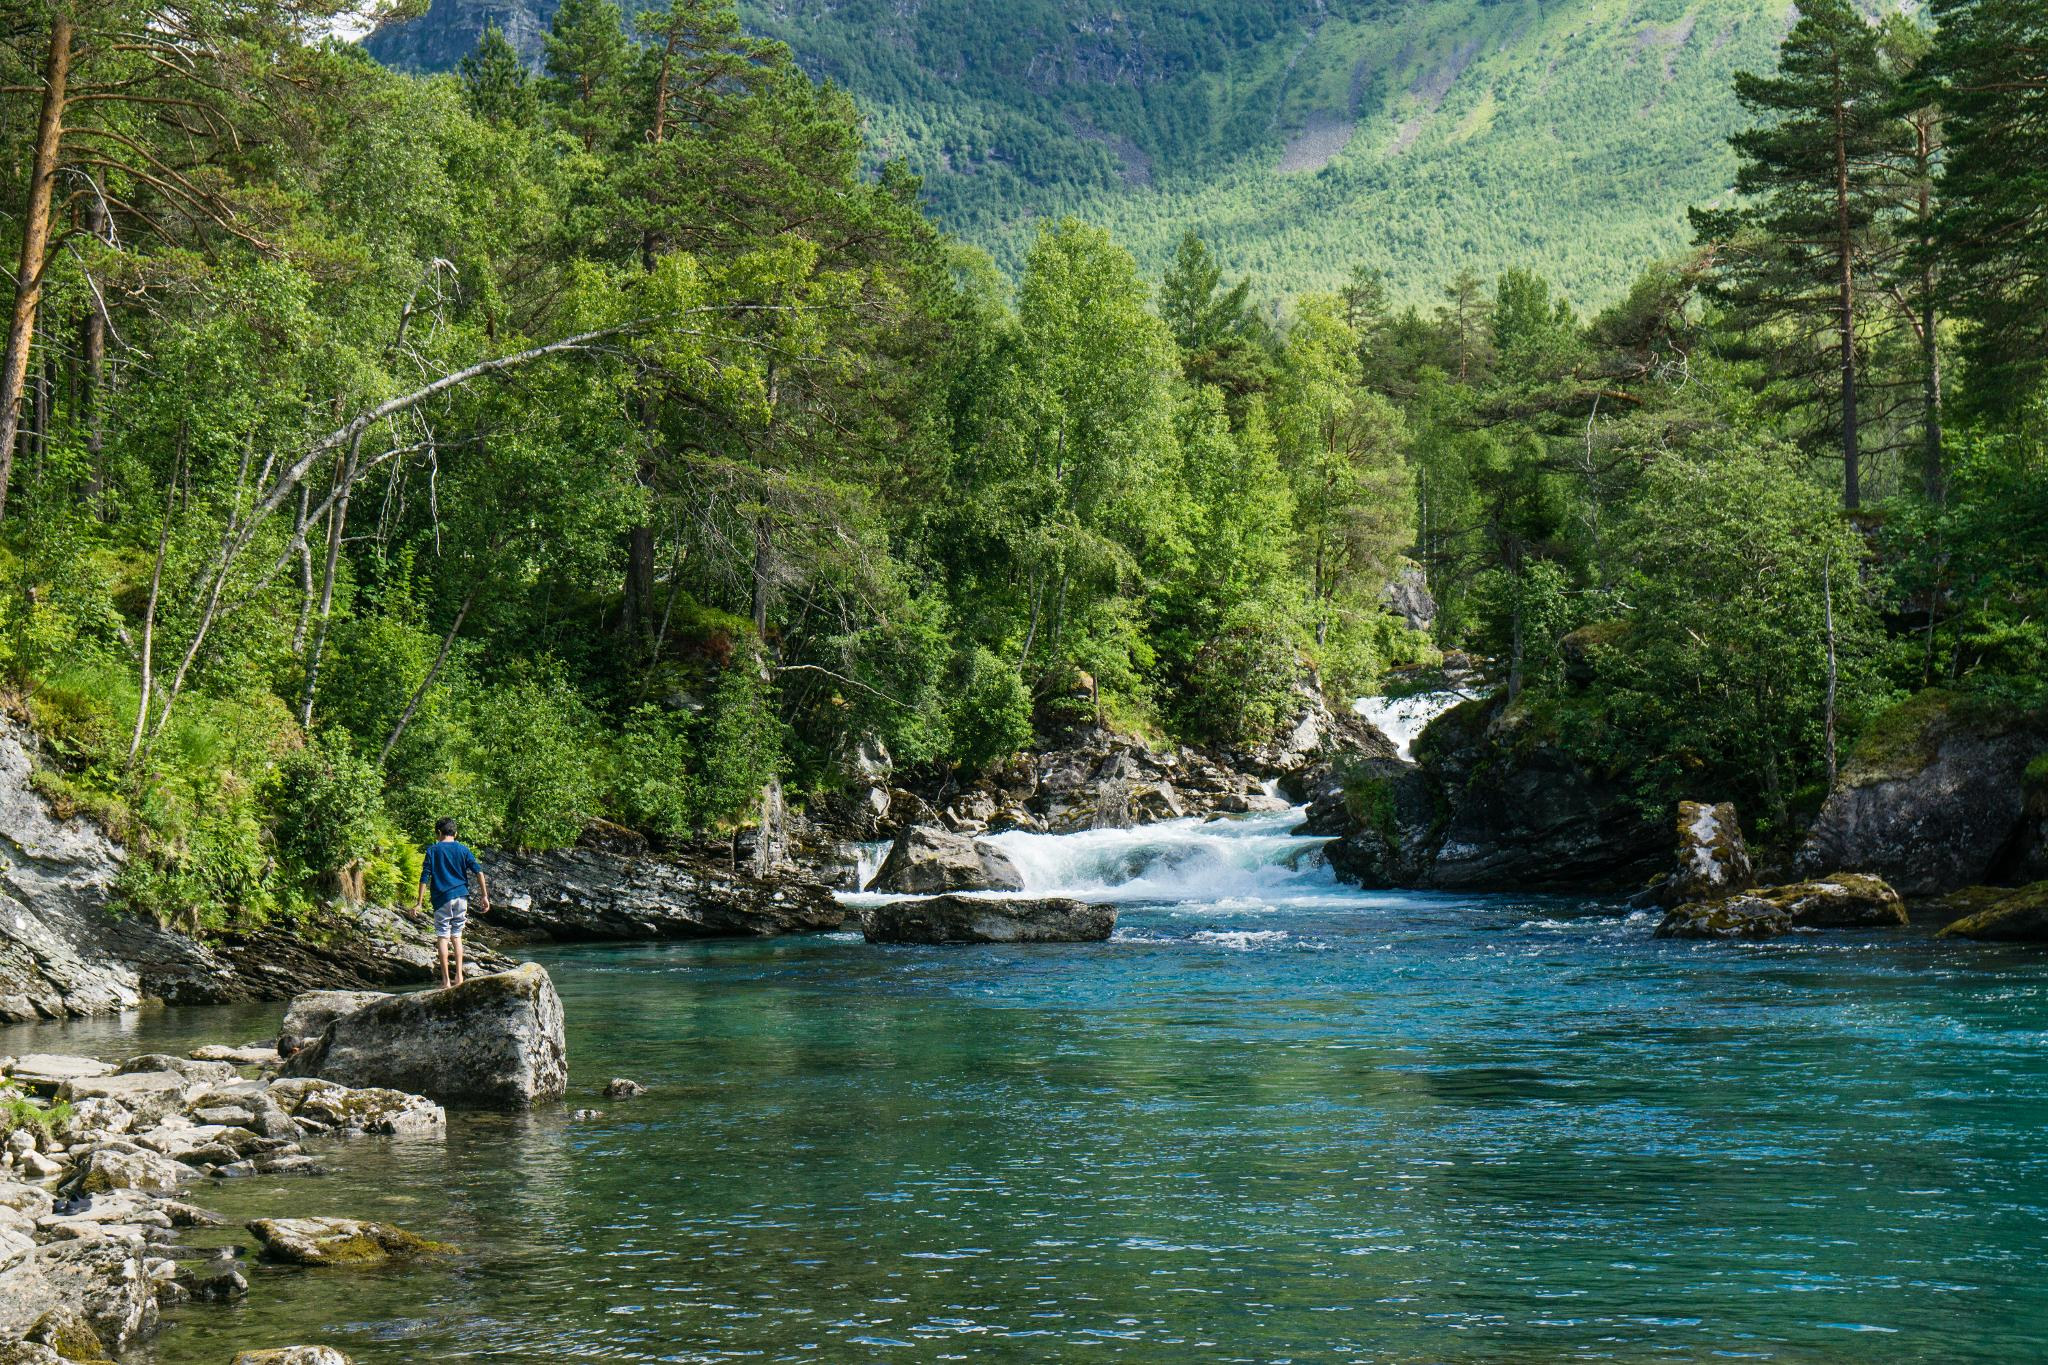 【北歐景點】Trollstigen 精靈之路 ∣ 挪威最驚險的世界級景觀公路 36